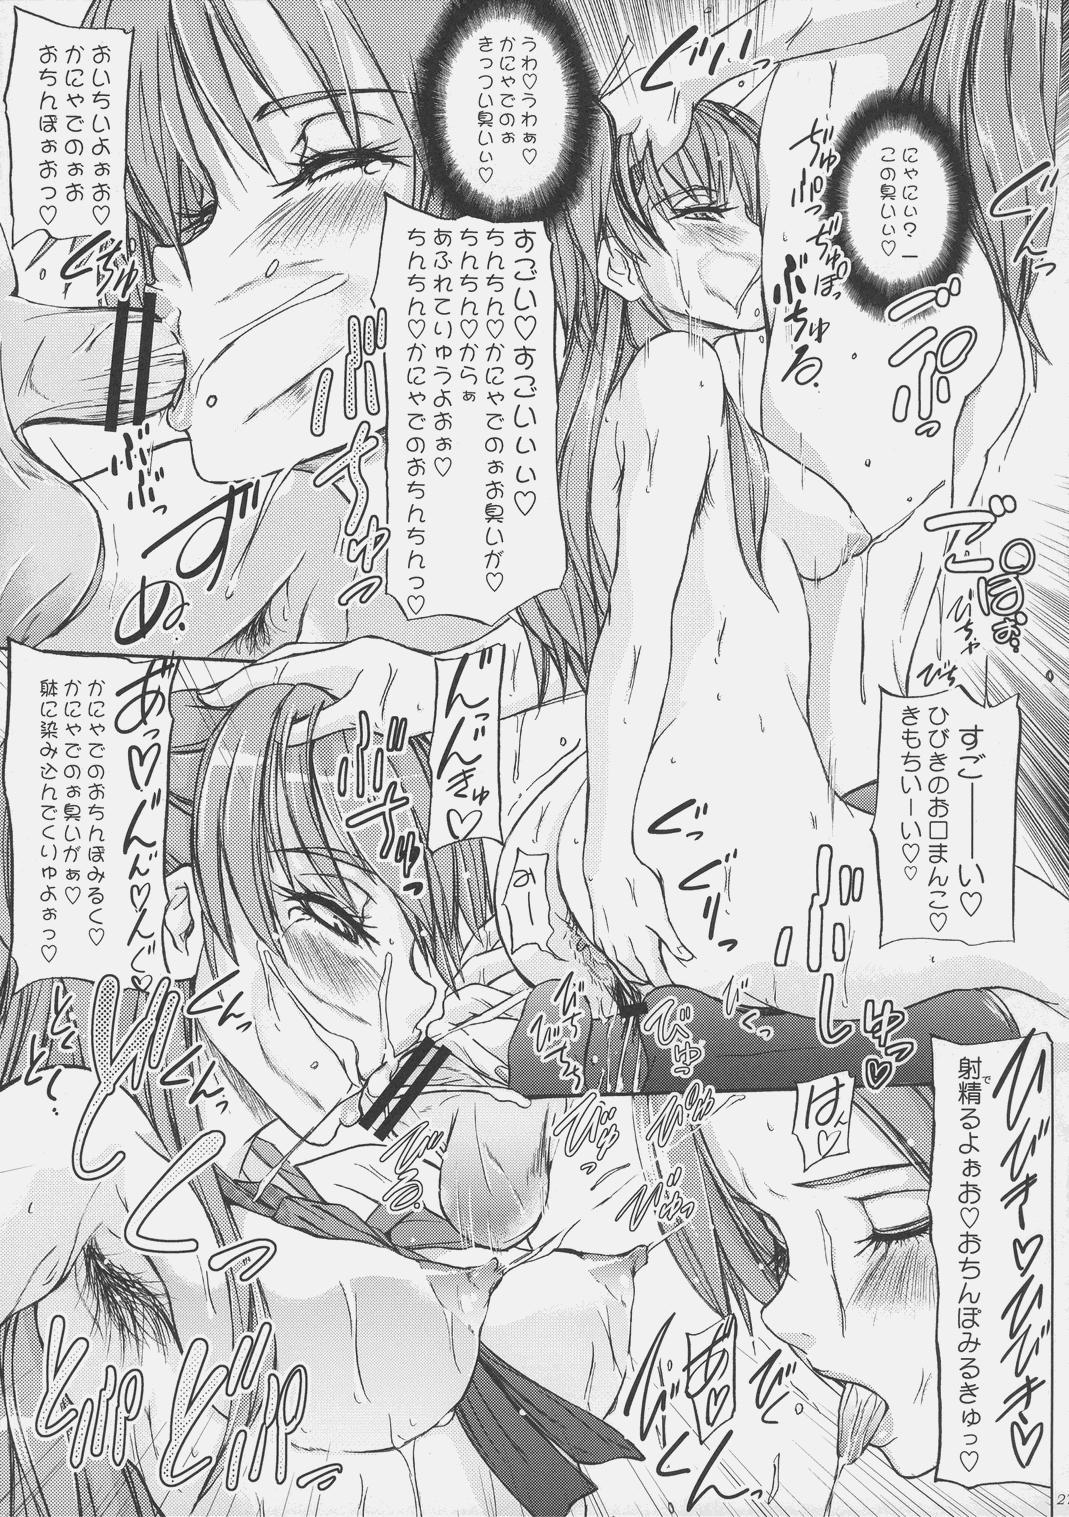 Keiyakusuru nara Anshin to Jisseki no TO-A Mahou Shoujo wo 27